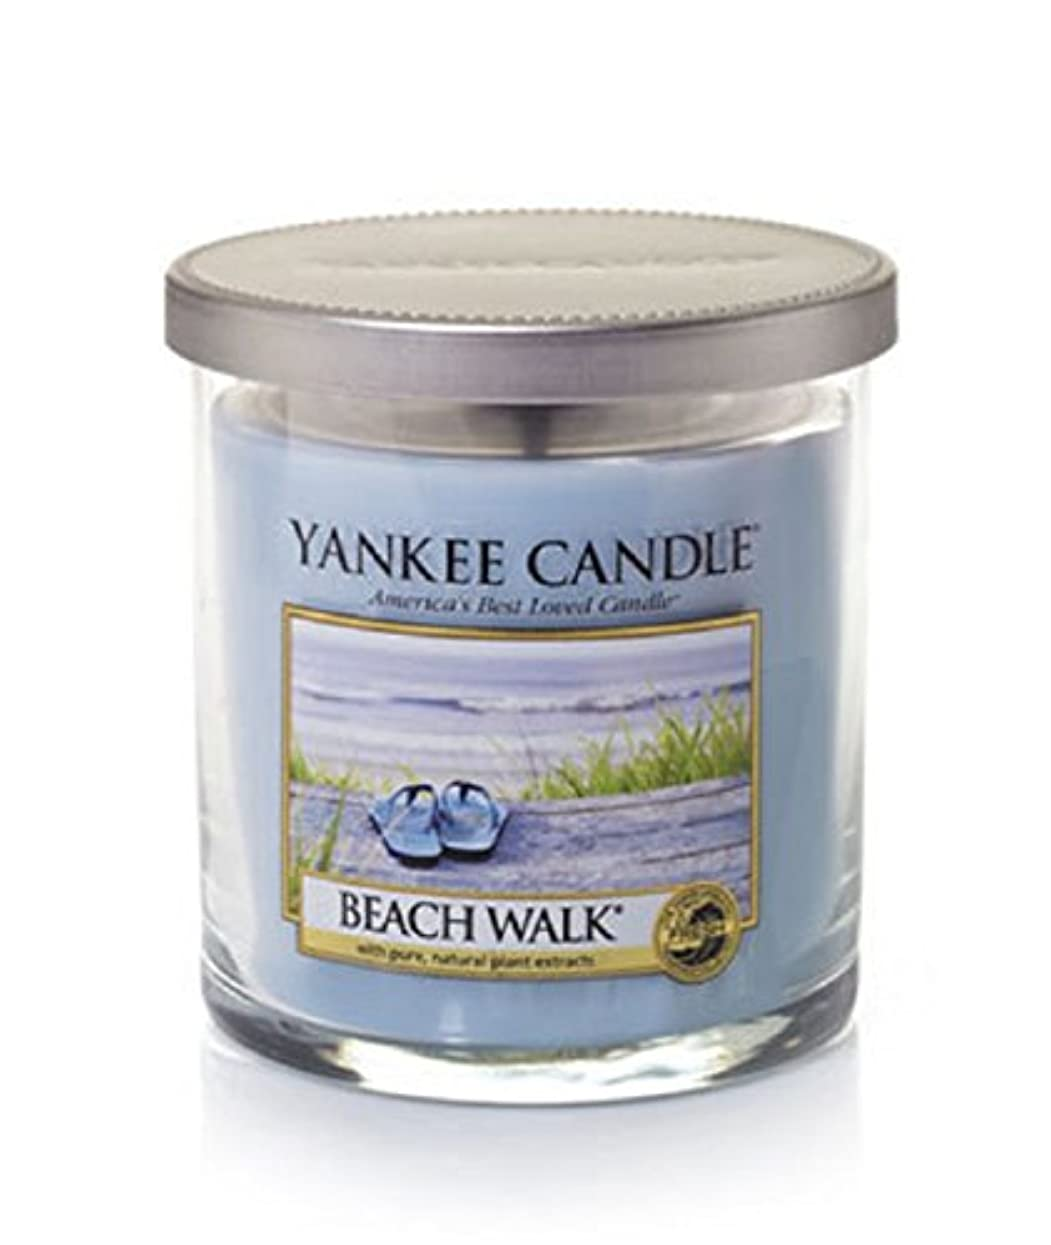 バレーボール行き当たりばったりクリケットYankee Candle Beach Walk Large Jar 22oz Candle Small Tumbler Candles ブルー 1162792